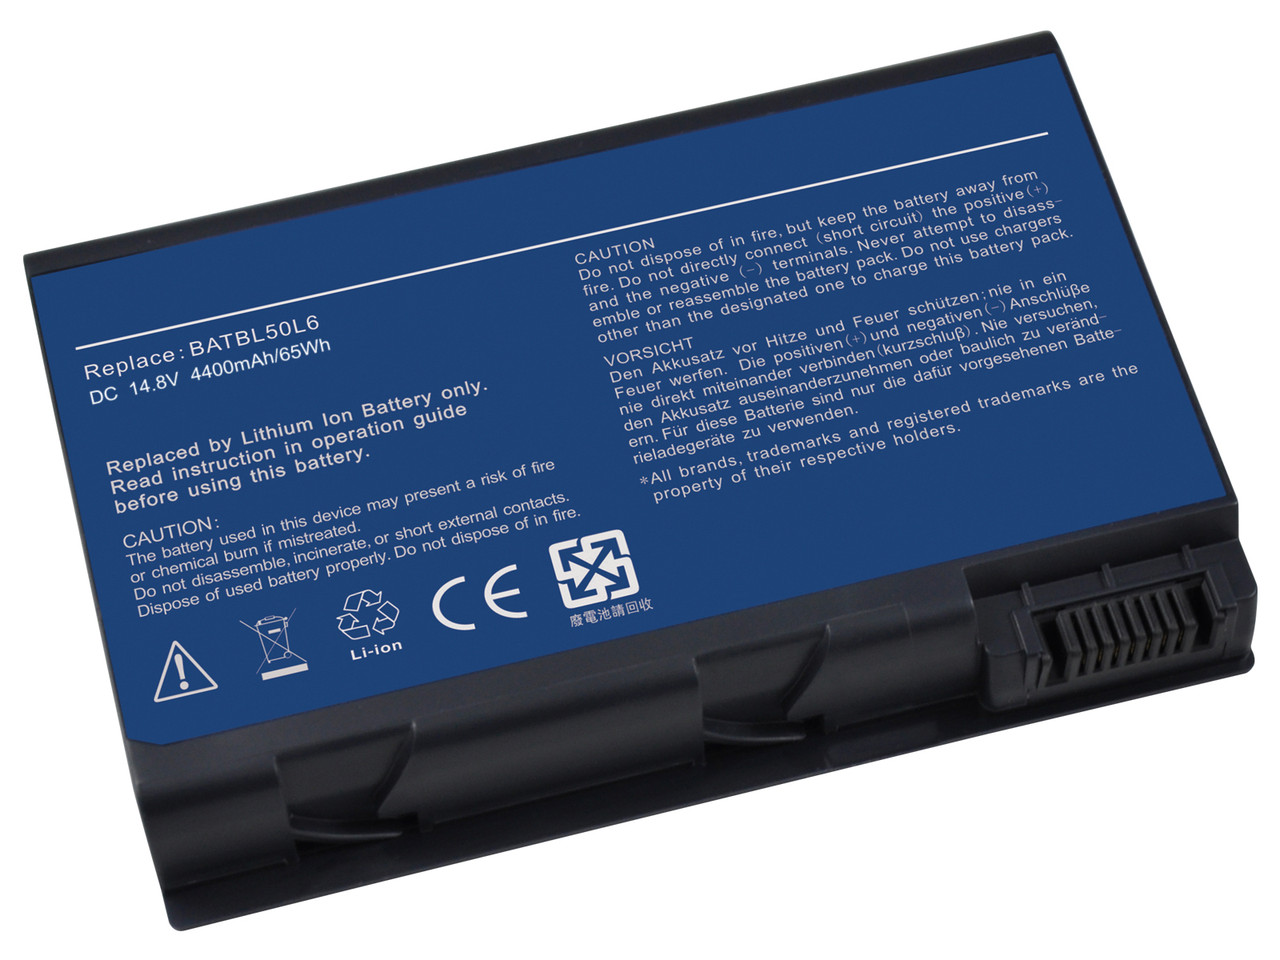 Аккумулятор для ноутбука Acer BATBL50L8